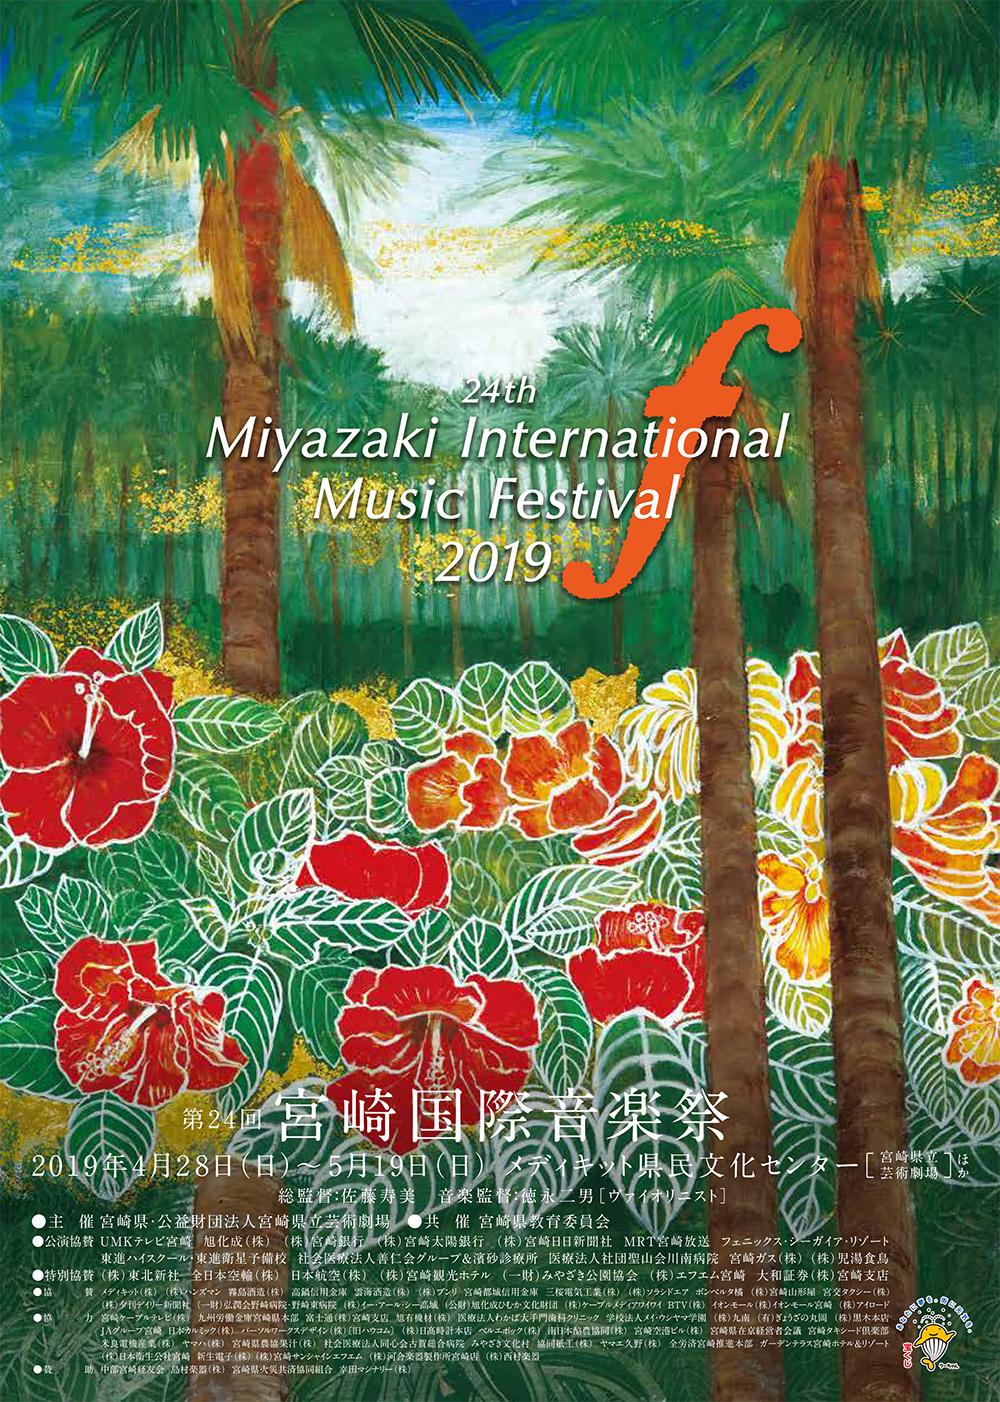 第24回宮崎国際音楽祭_パンフレット